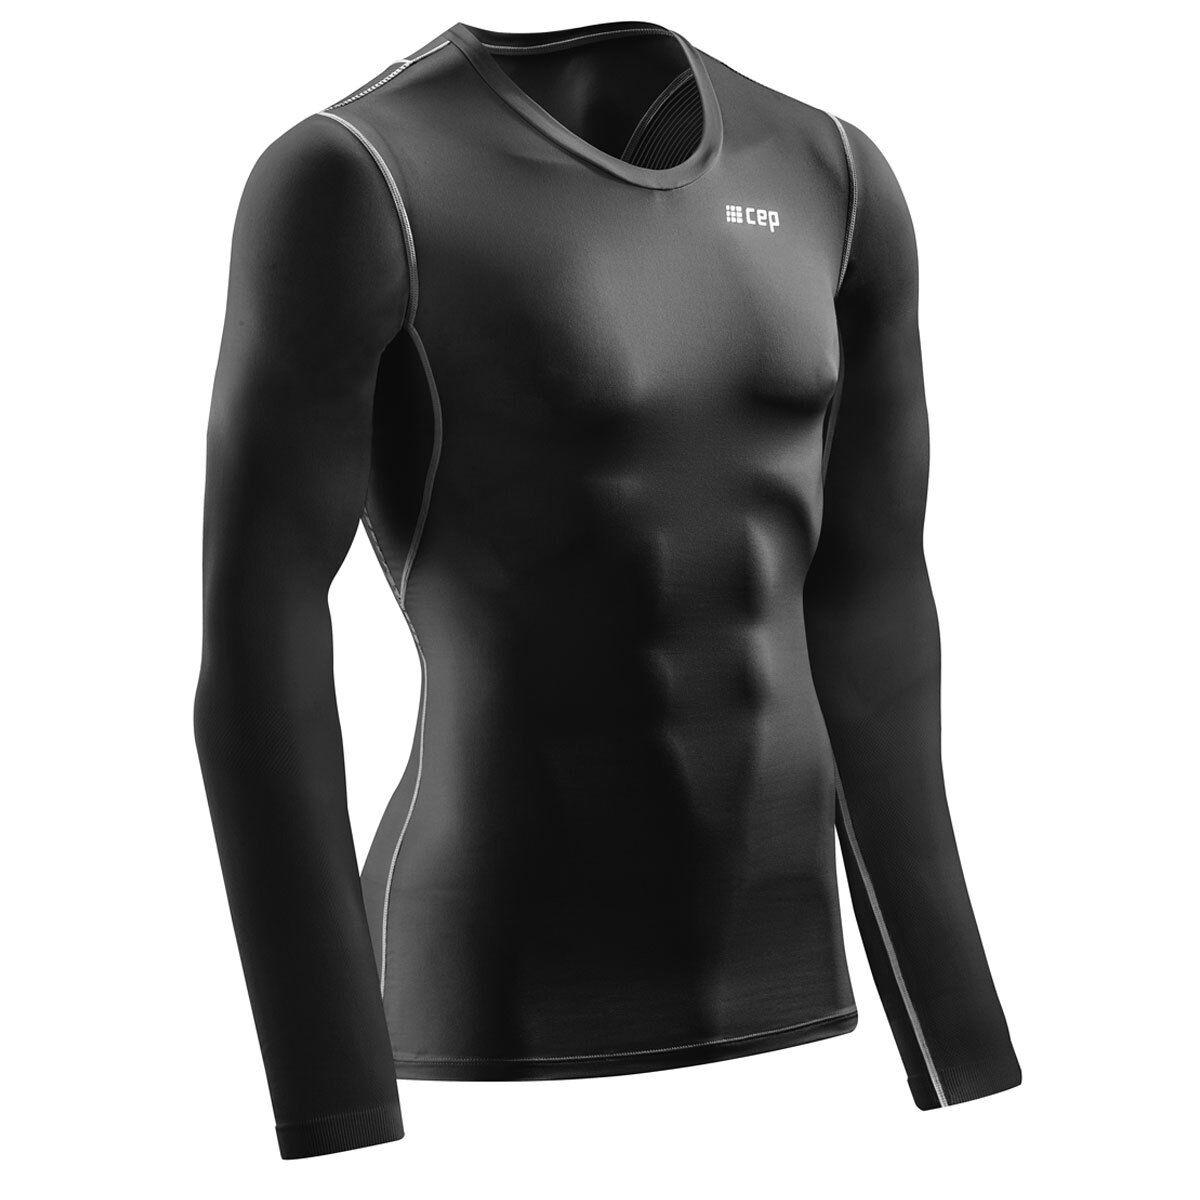 CEP wingtech shirt long sleeve Sie schwarz   W66D56 Bessere Haltung